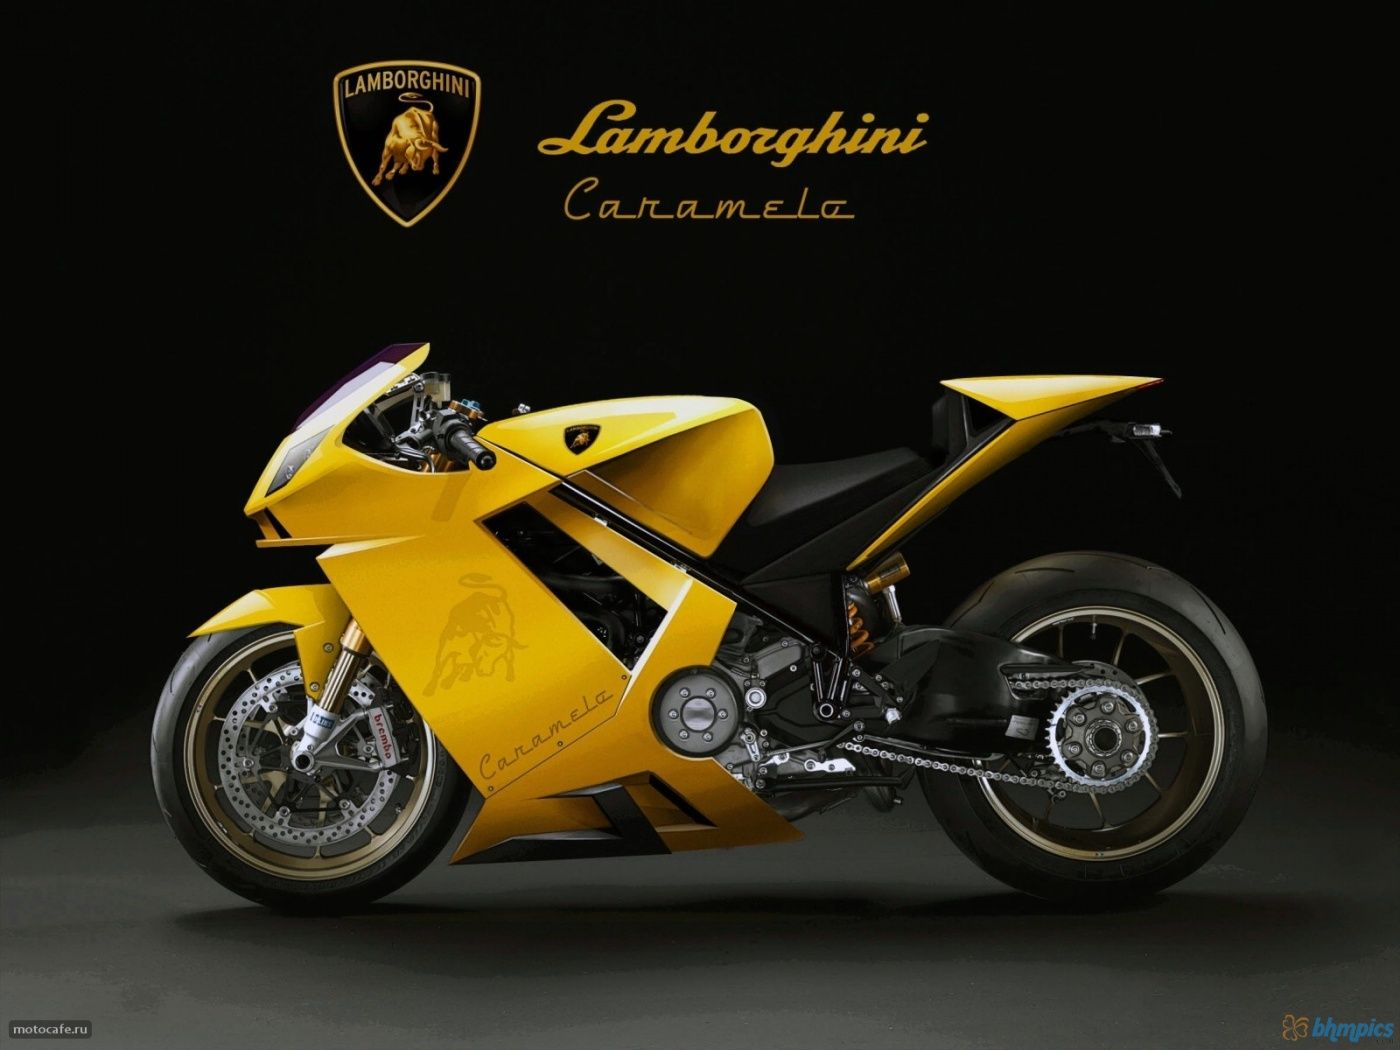 Lamborghini Caramelo V4 Superbike 1000 Cc Bit Big For Me But Very